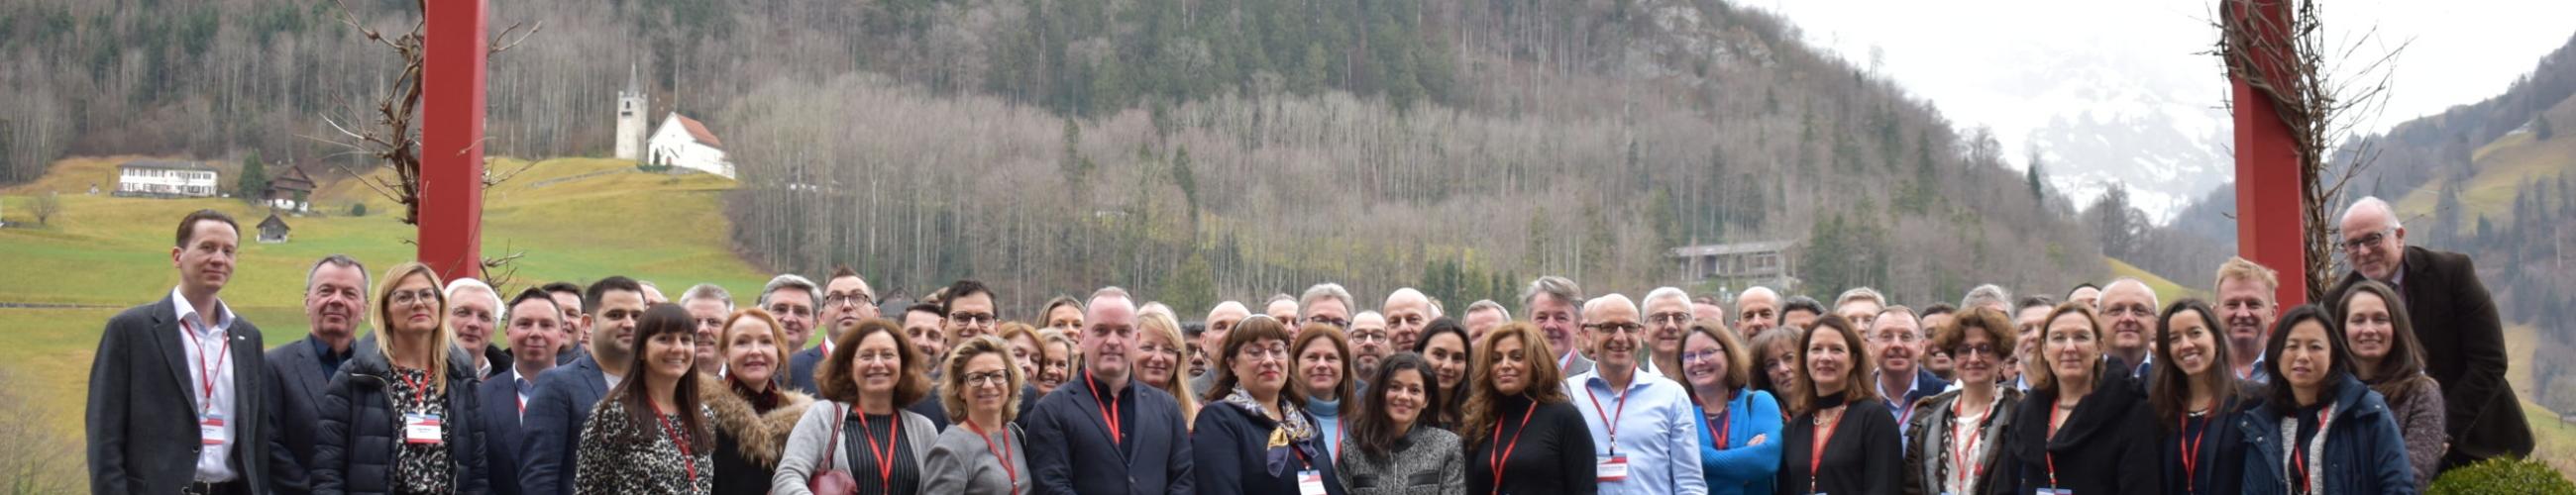 group pjoto 9